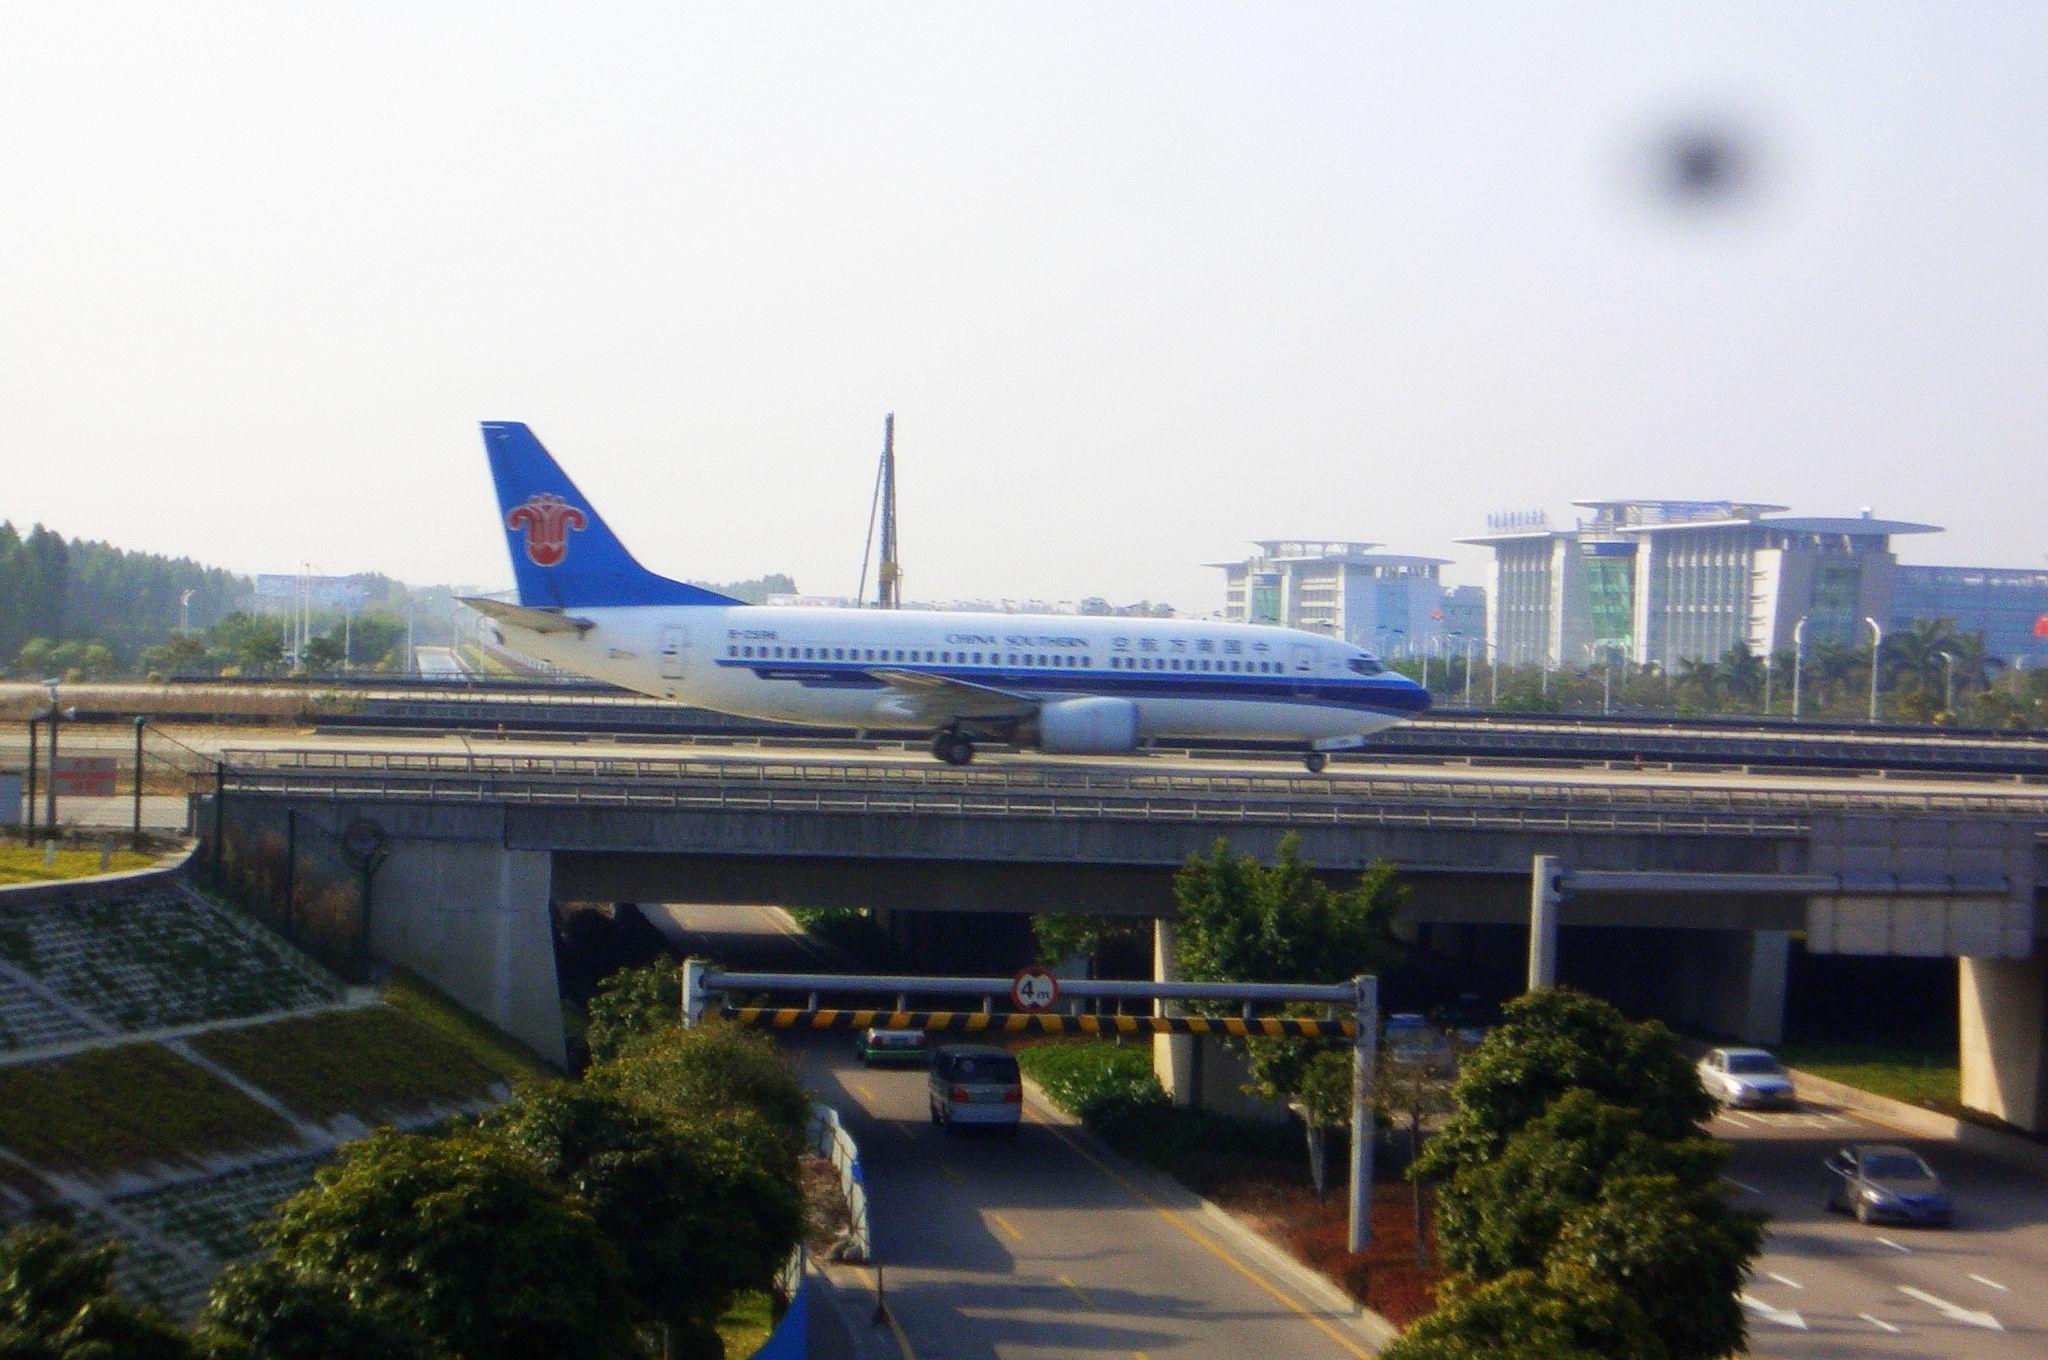 Re:[原创]恢复信心后的第一次发帖,09年第一次活动 BOEING 737-300 B-2596 广州白云国际机场